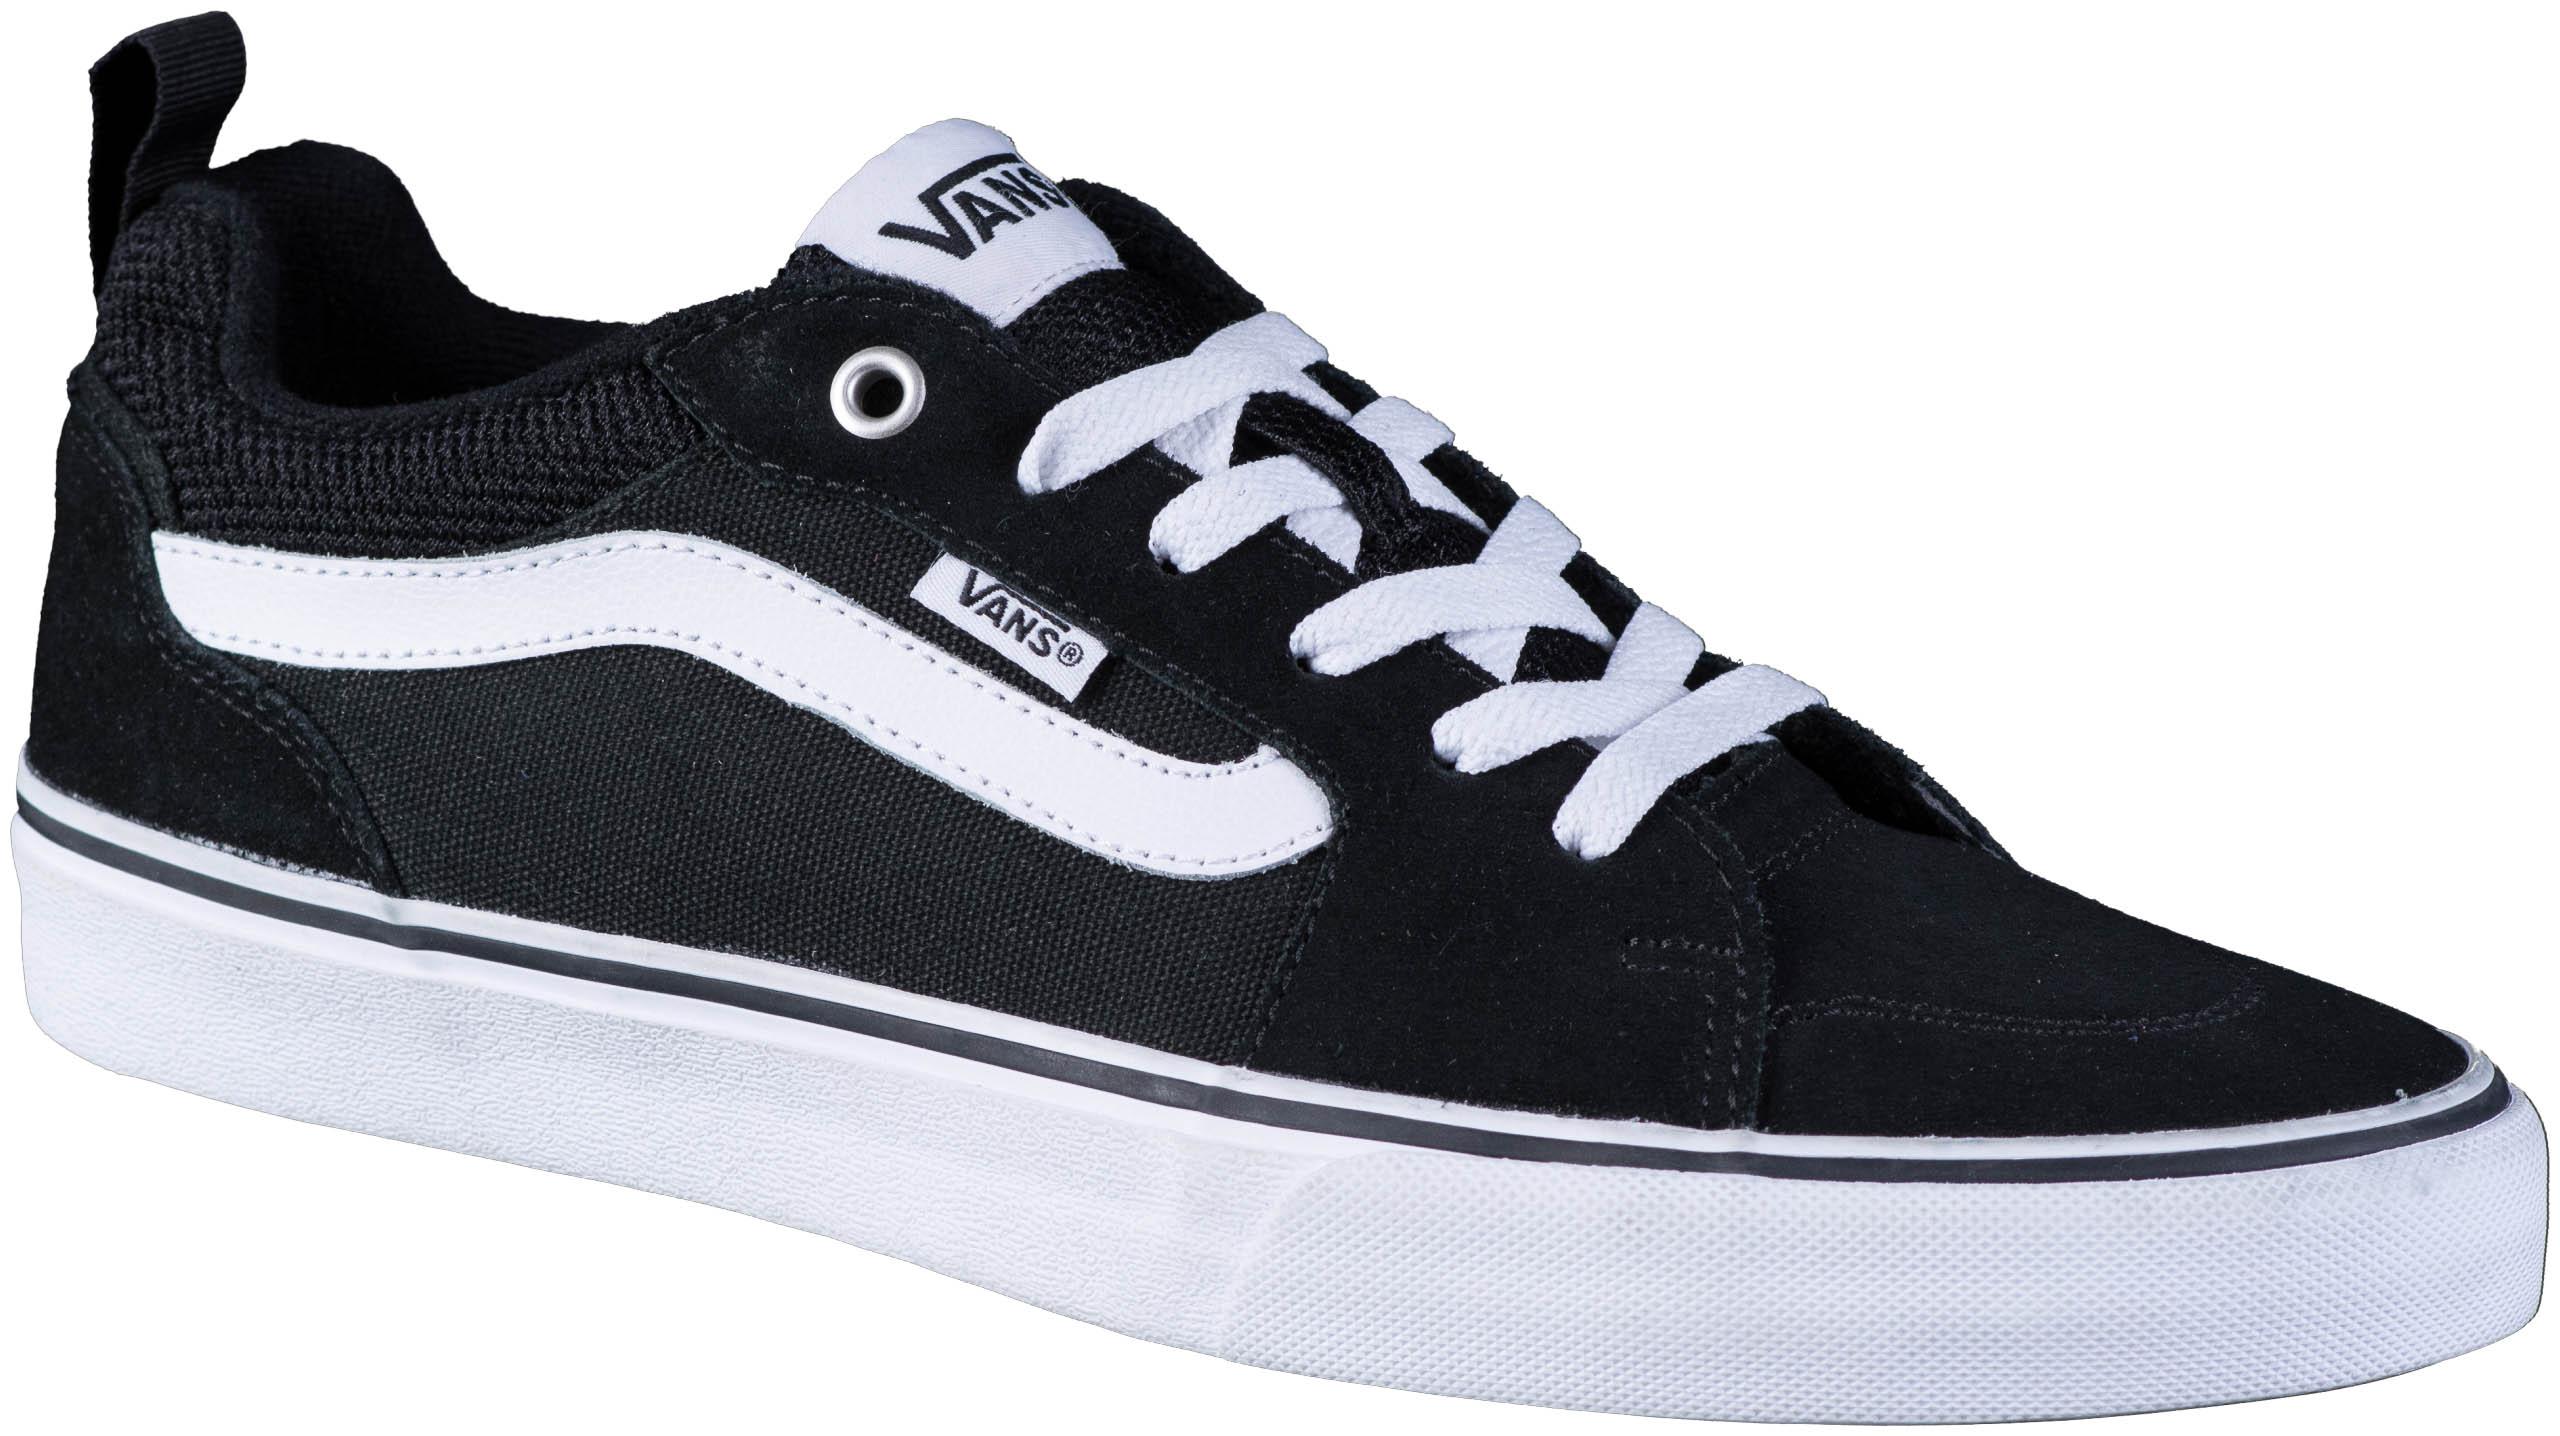 VANS Filmore Sneaker blackwhite